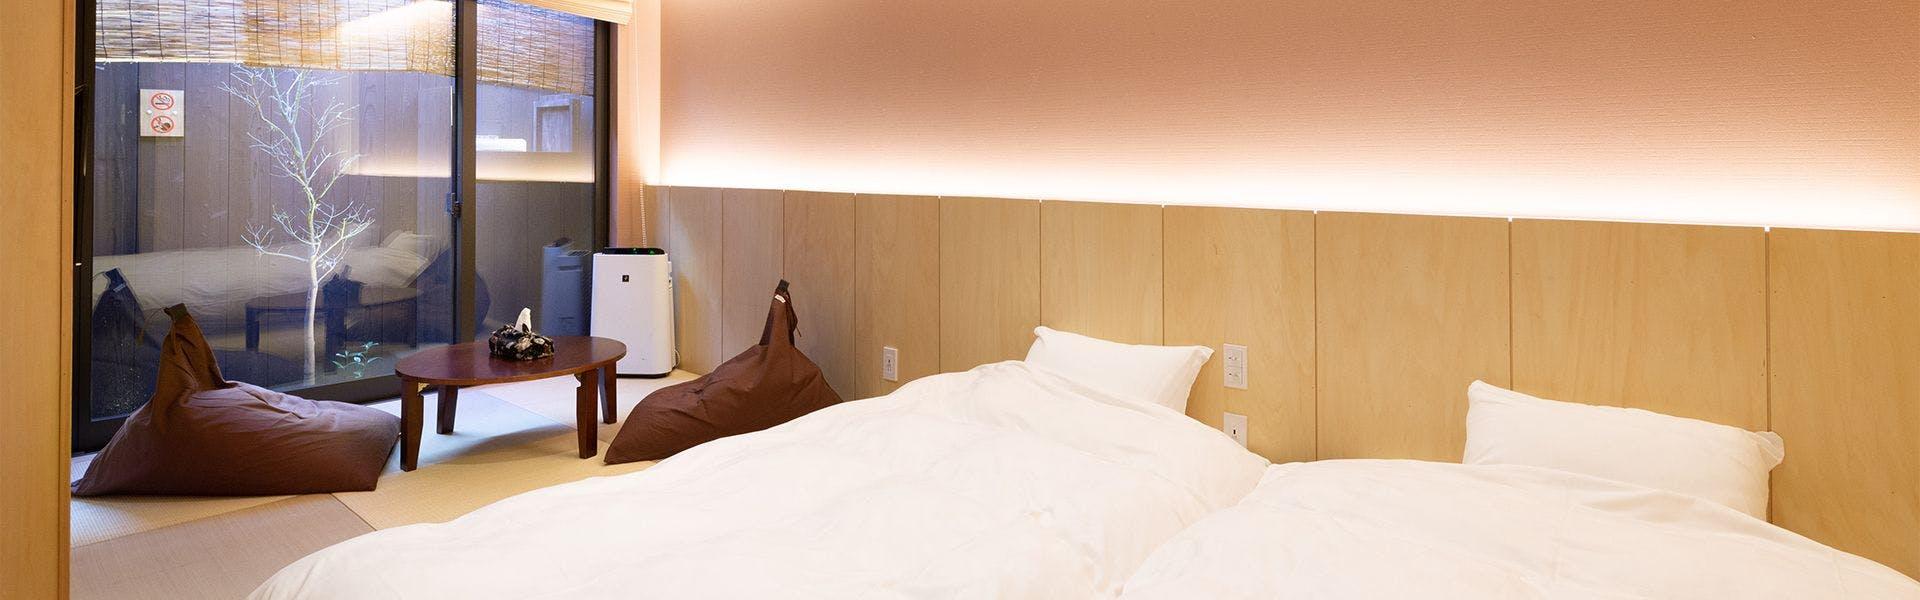 寝室(1階部屋)